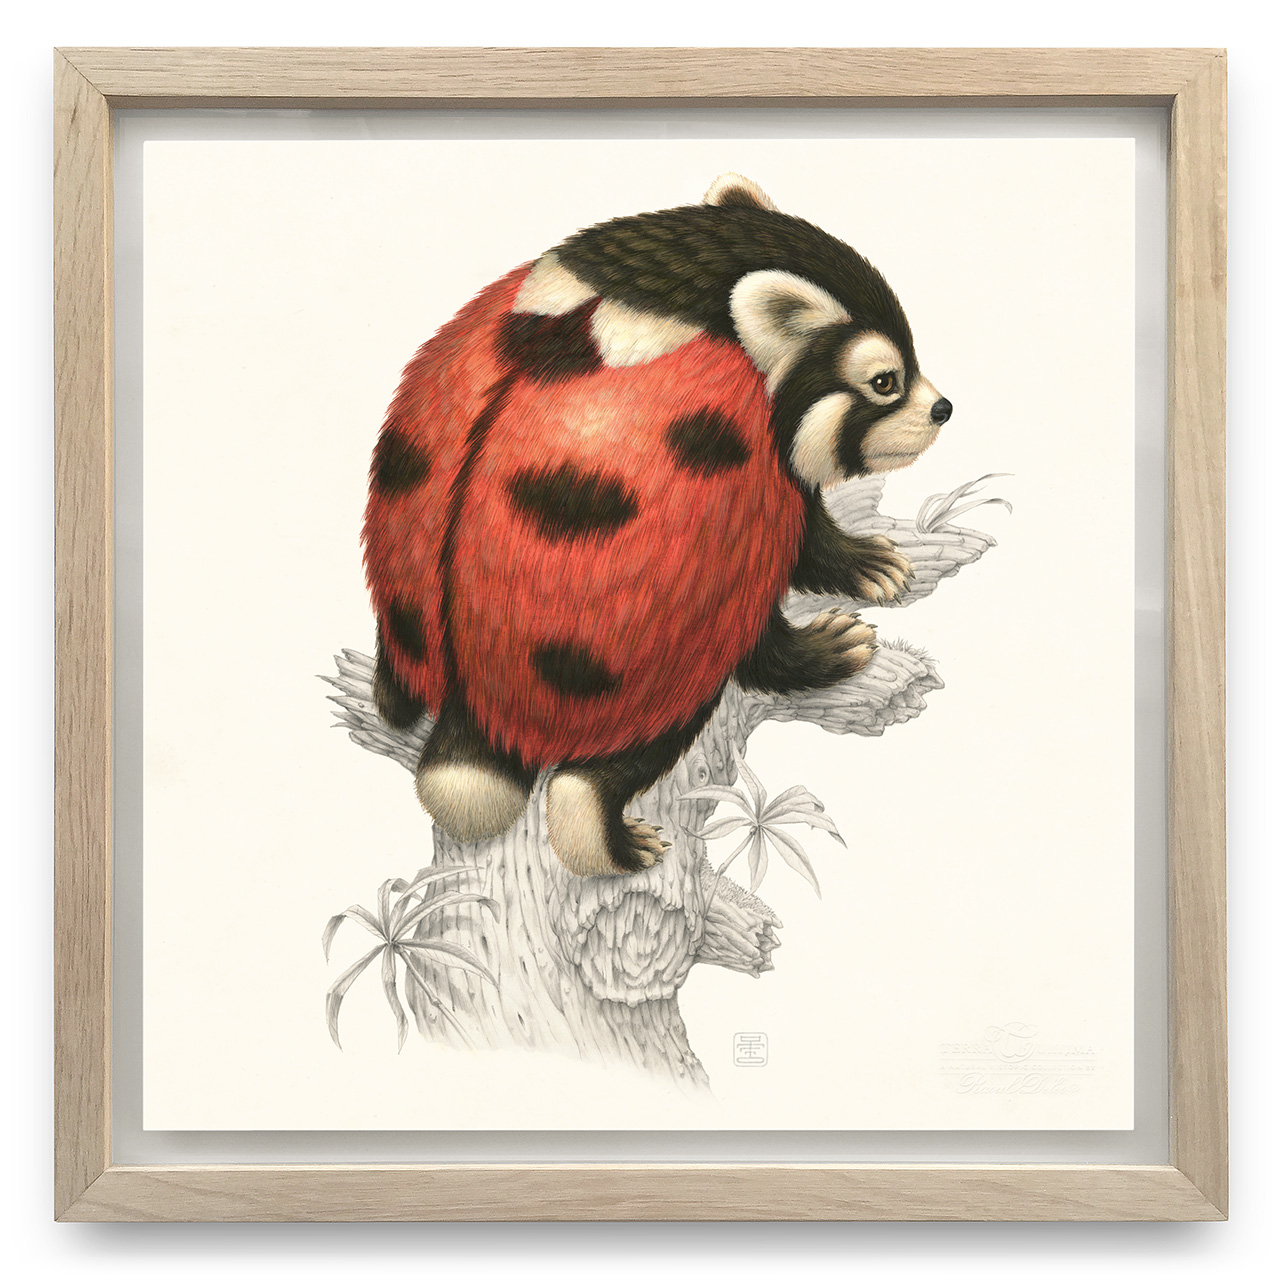 Coccinellursus Hexapedus | Acrylverf, aquarelverf en waspotlood op papier in handgemaakte houten lijst | Origineel | Raoul Deleo | Gallery Untitled